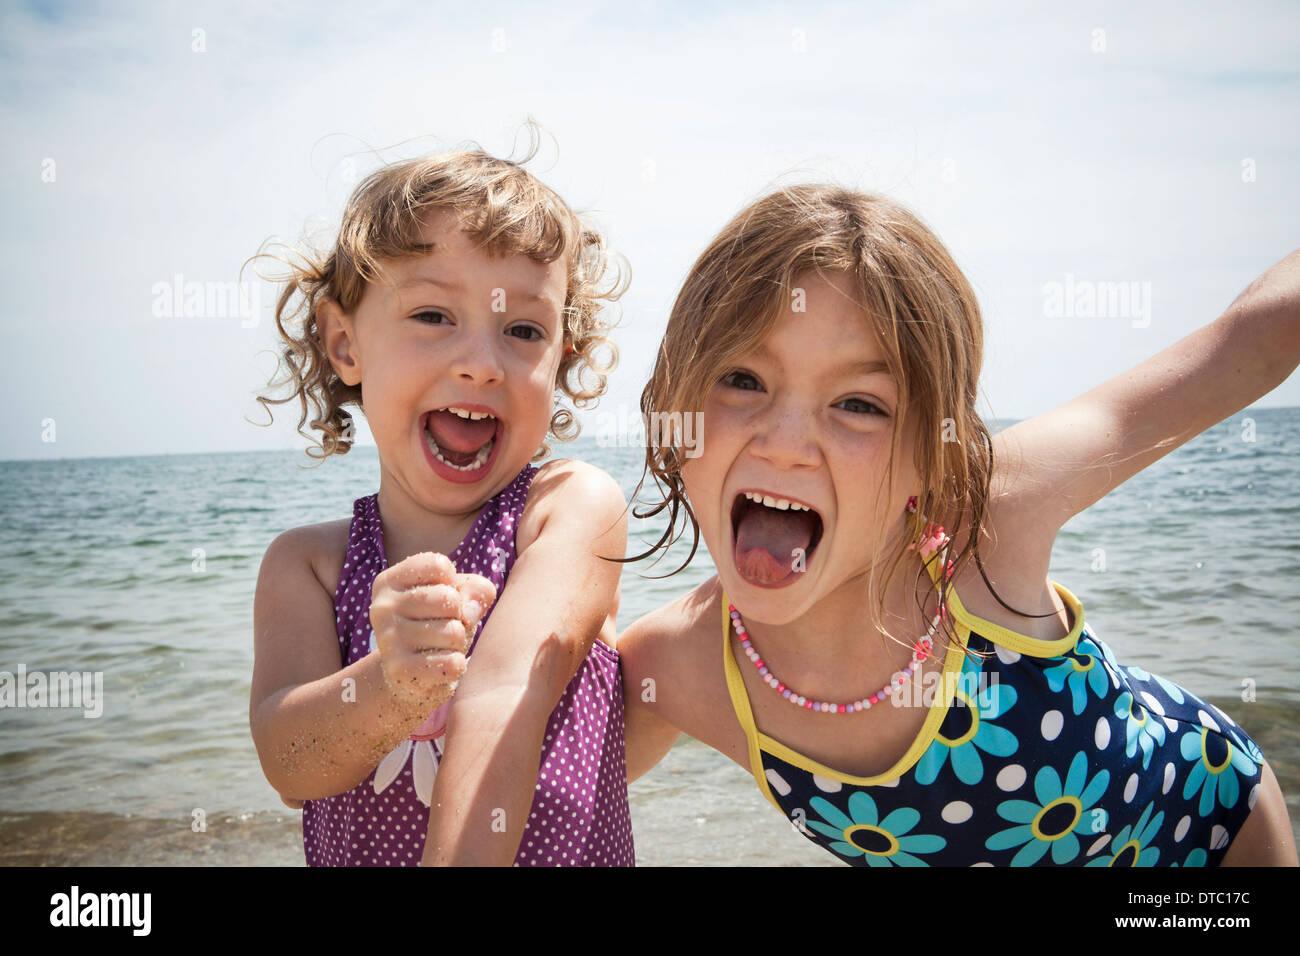 Retrato de dos hermanas tirando de caras en playa en Falmouth, Massachusetts, EE.UU. Imagen De Stock